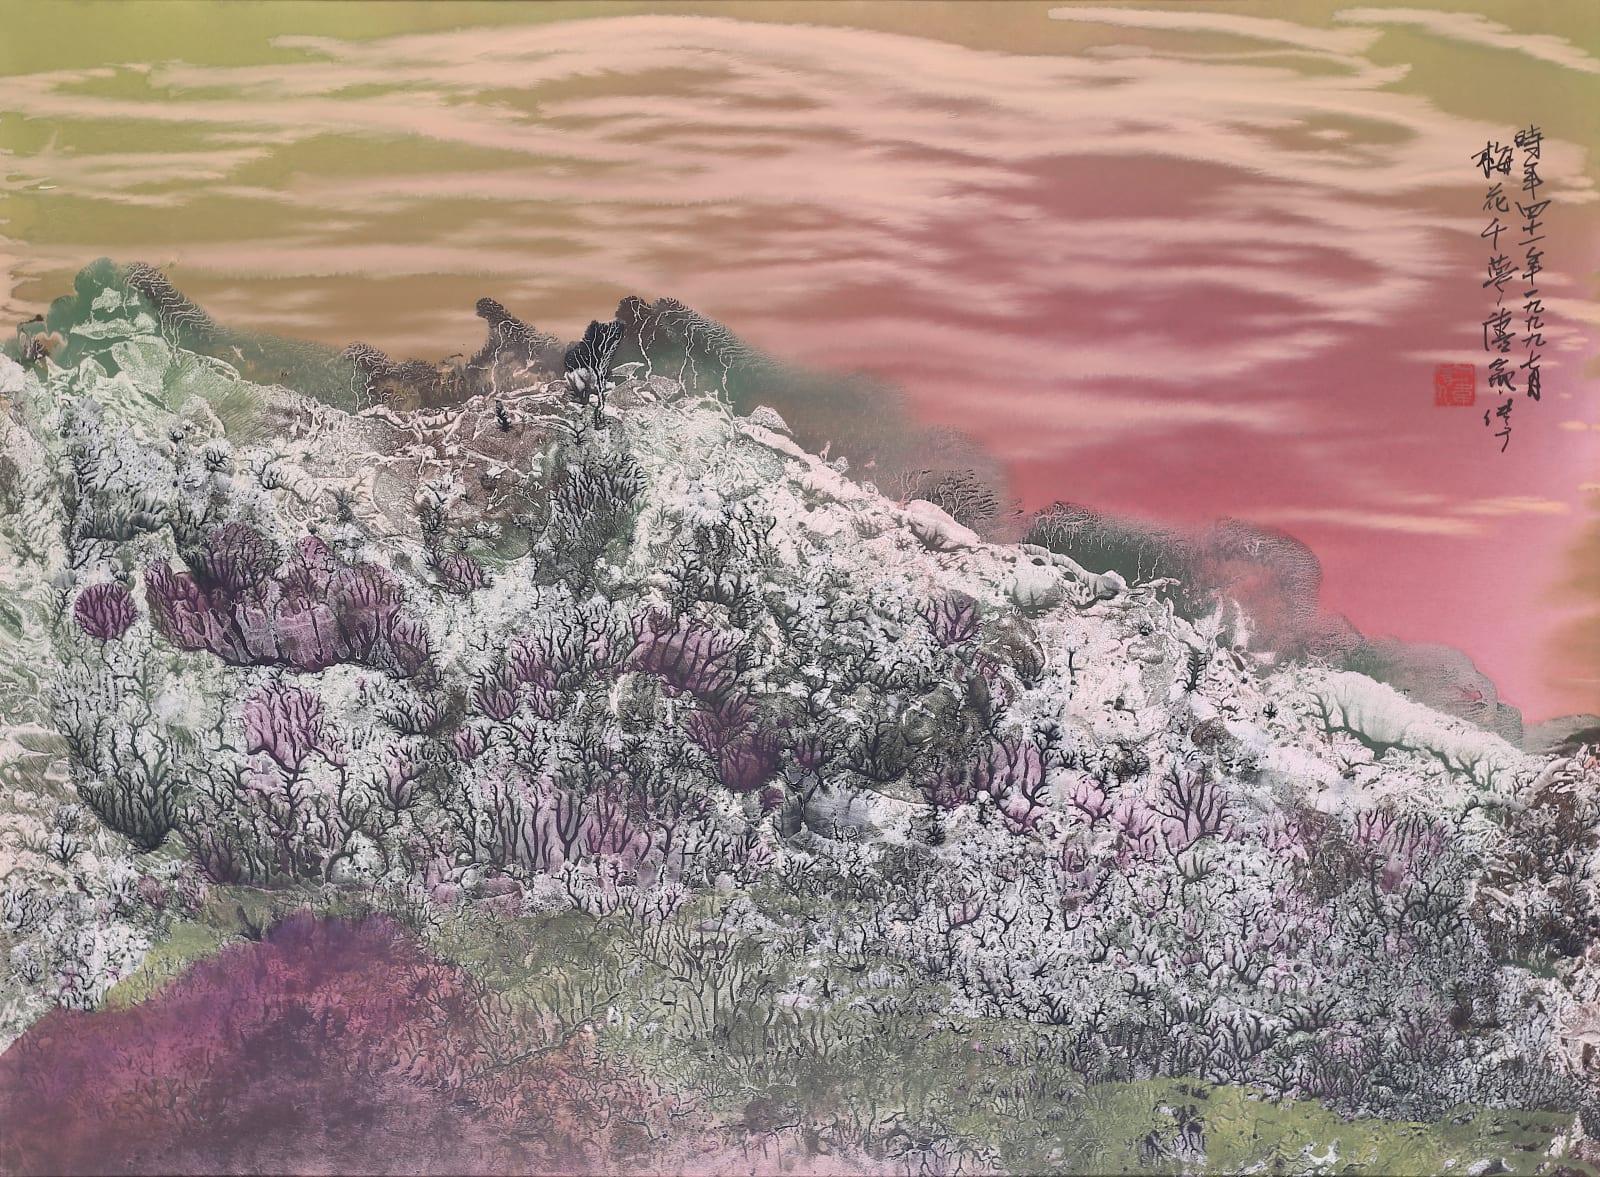 Wesley Tongson 唐家偉, Mountains of Heaven 天界 No. 273, 1999